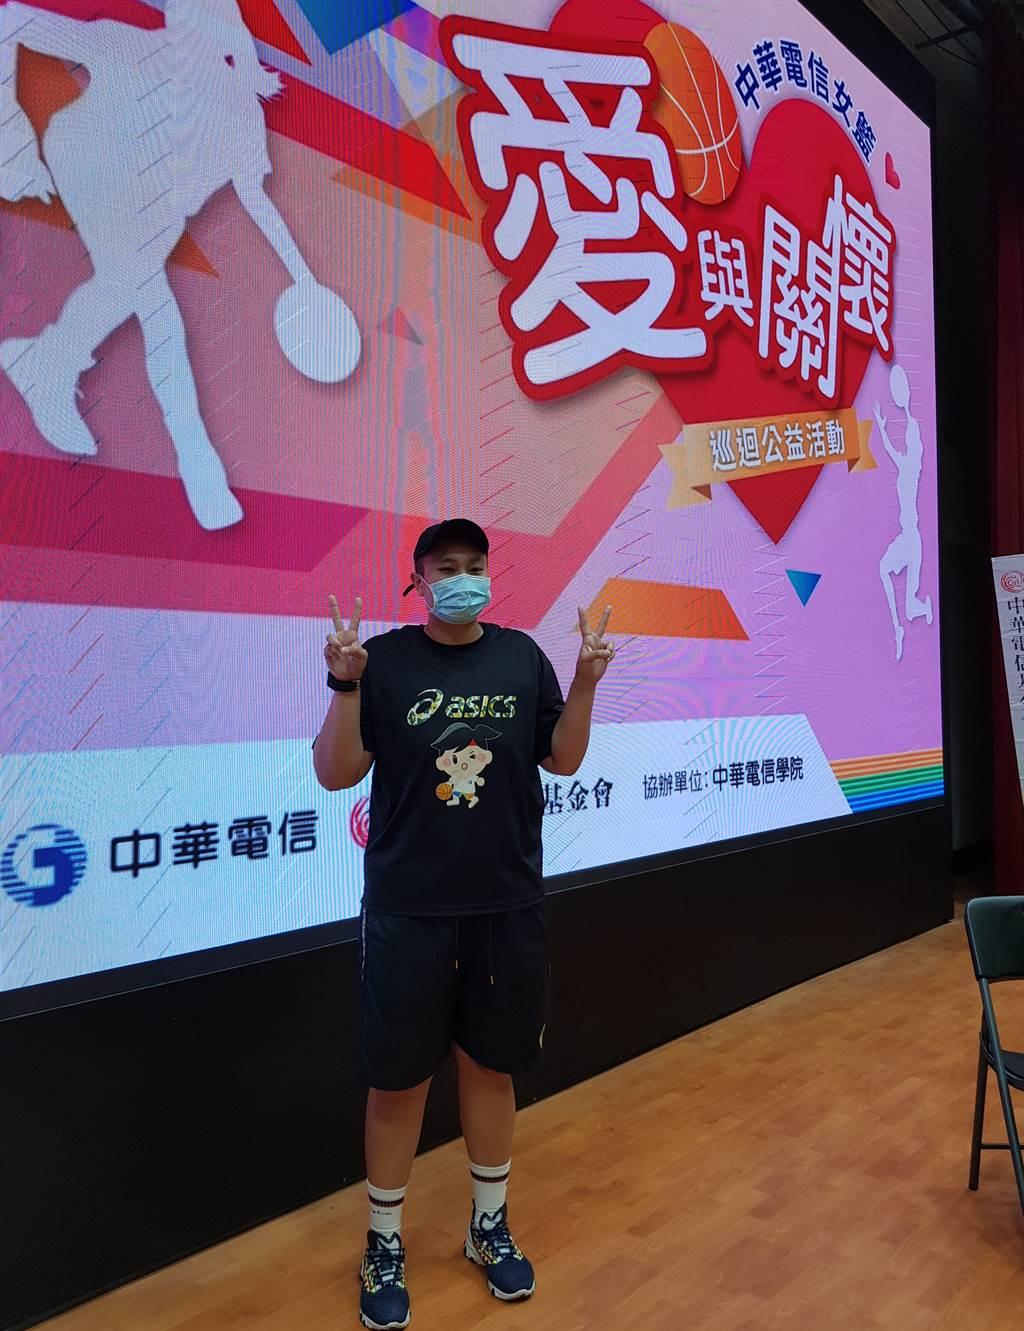 電信女籃謝佩君連續10年參加「愛與關懷」活動,也參與了活動設計等工作。(陳筱琳攝)